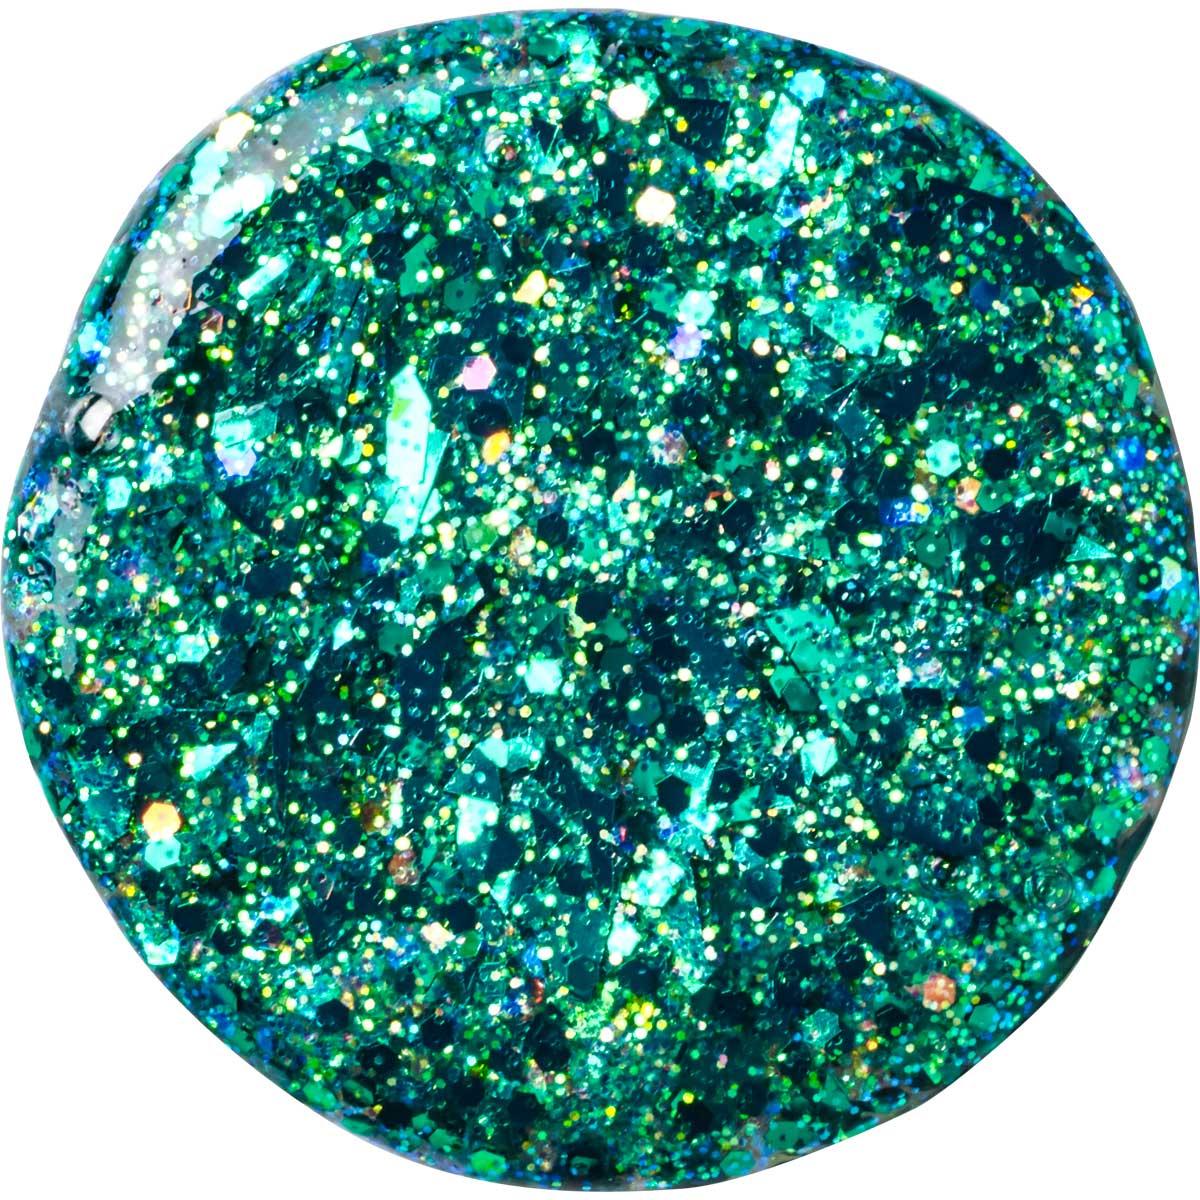 FolkArt ® Glitterific™ Acrylic Paint - Evergreen, 2 oz. - 5934